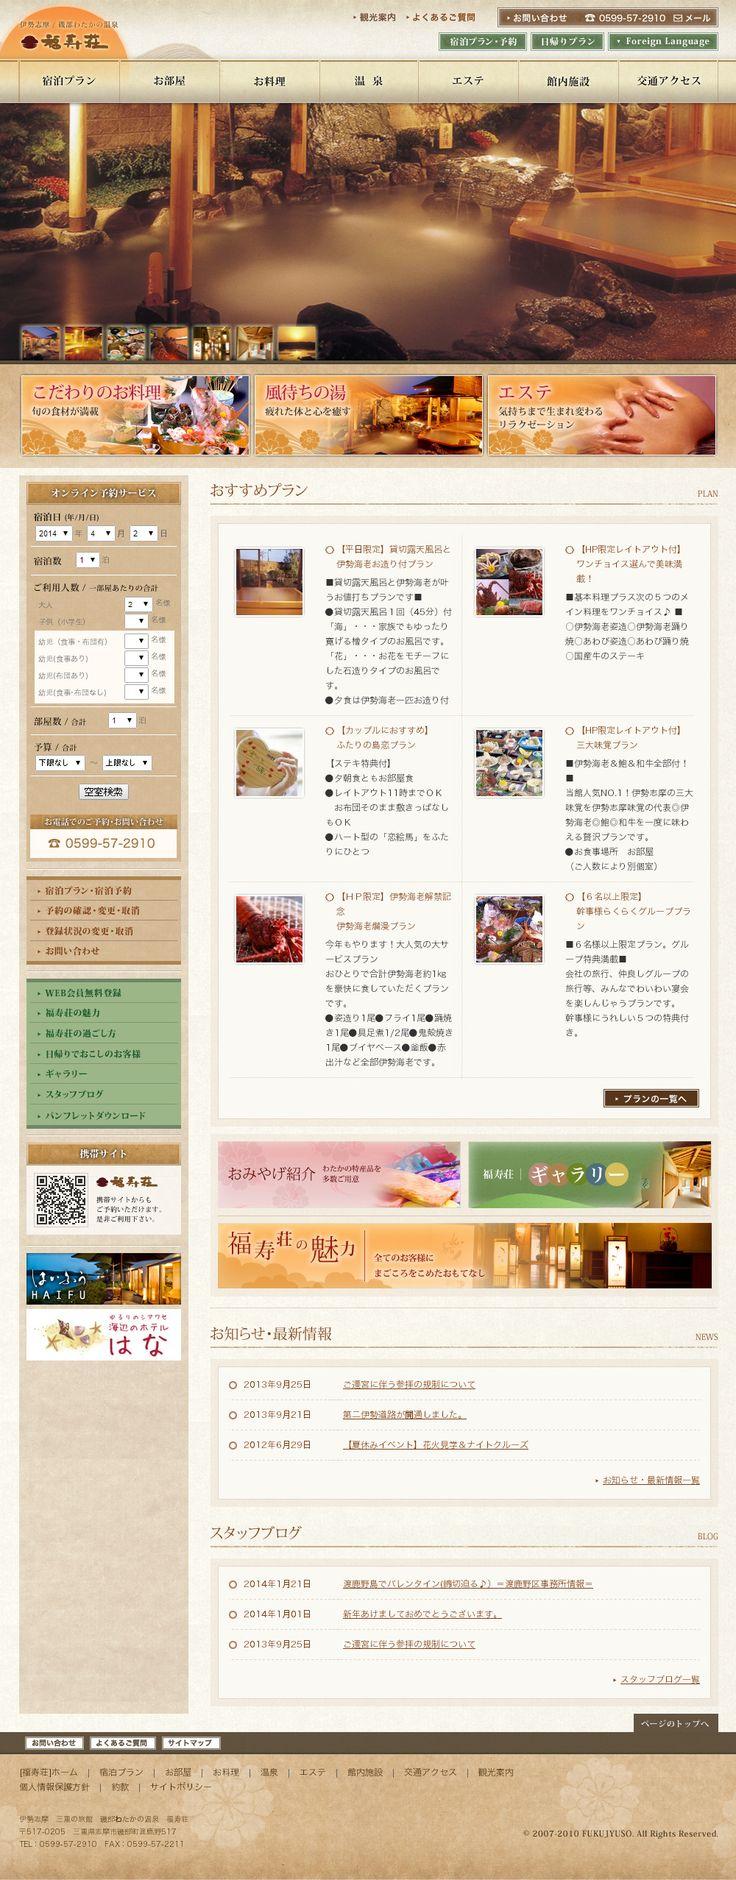 伊勢志摩-三重の旅館に宿泊 磯部/わたかの温泉-福寿荘